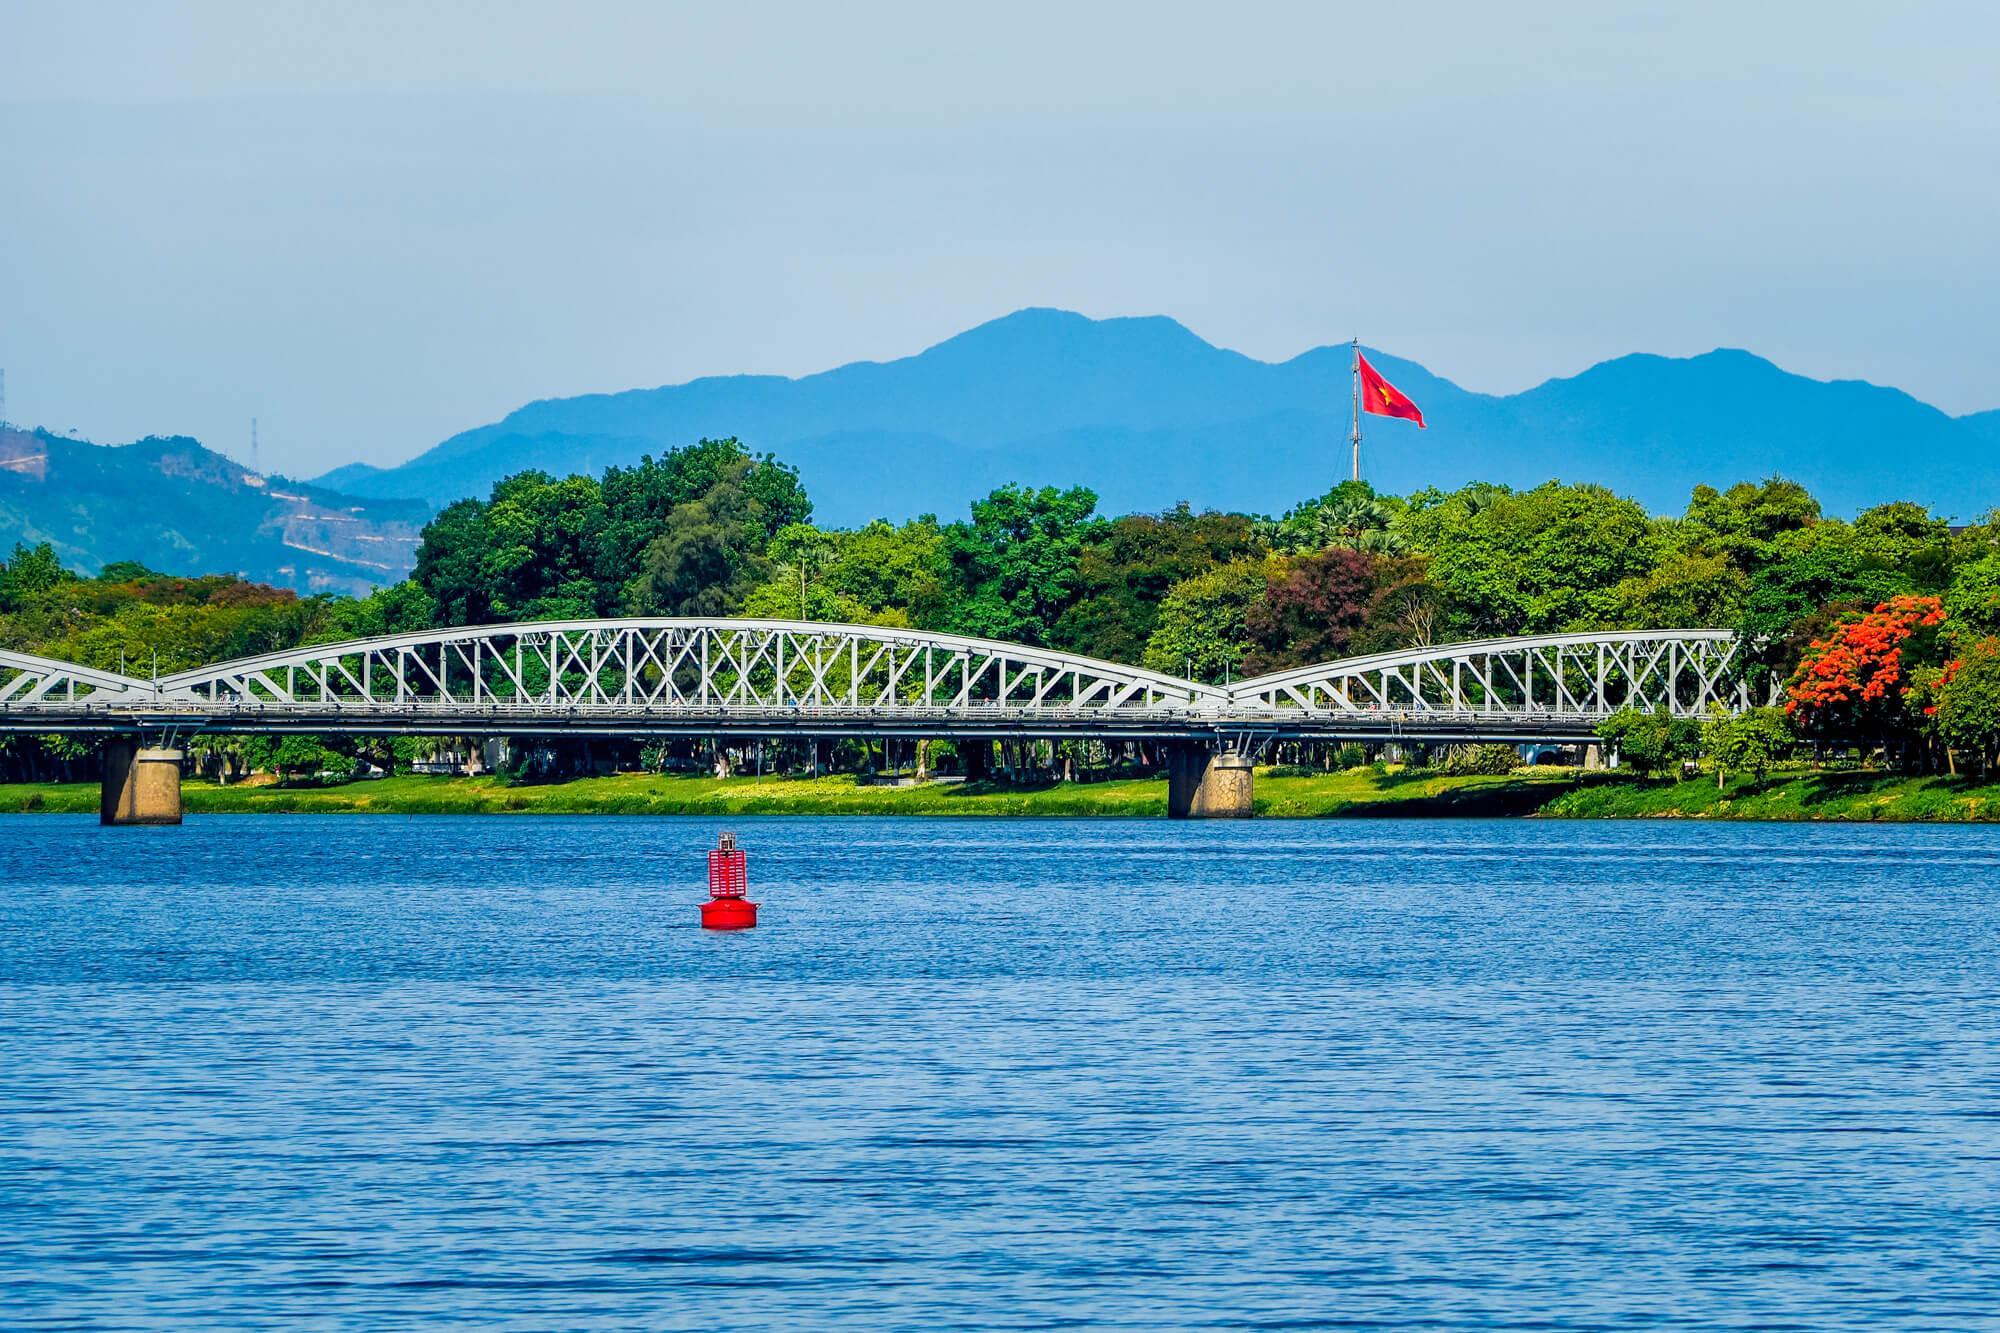 Le pont Truong Tien